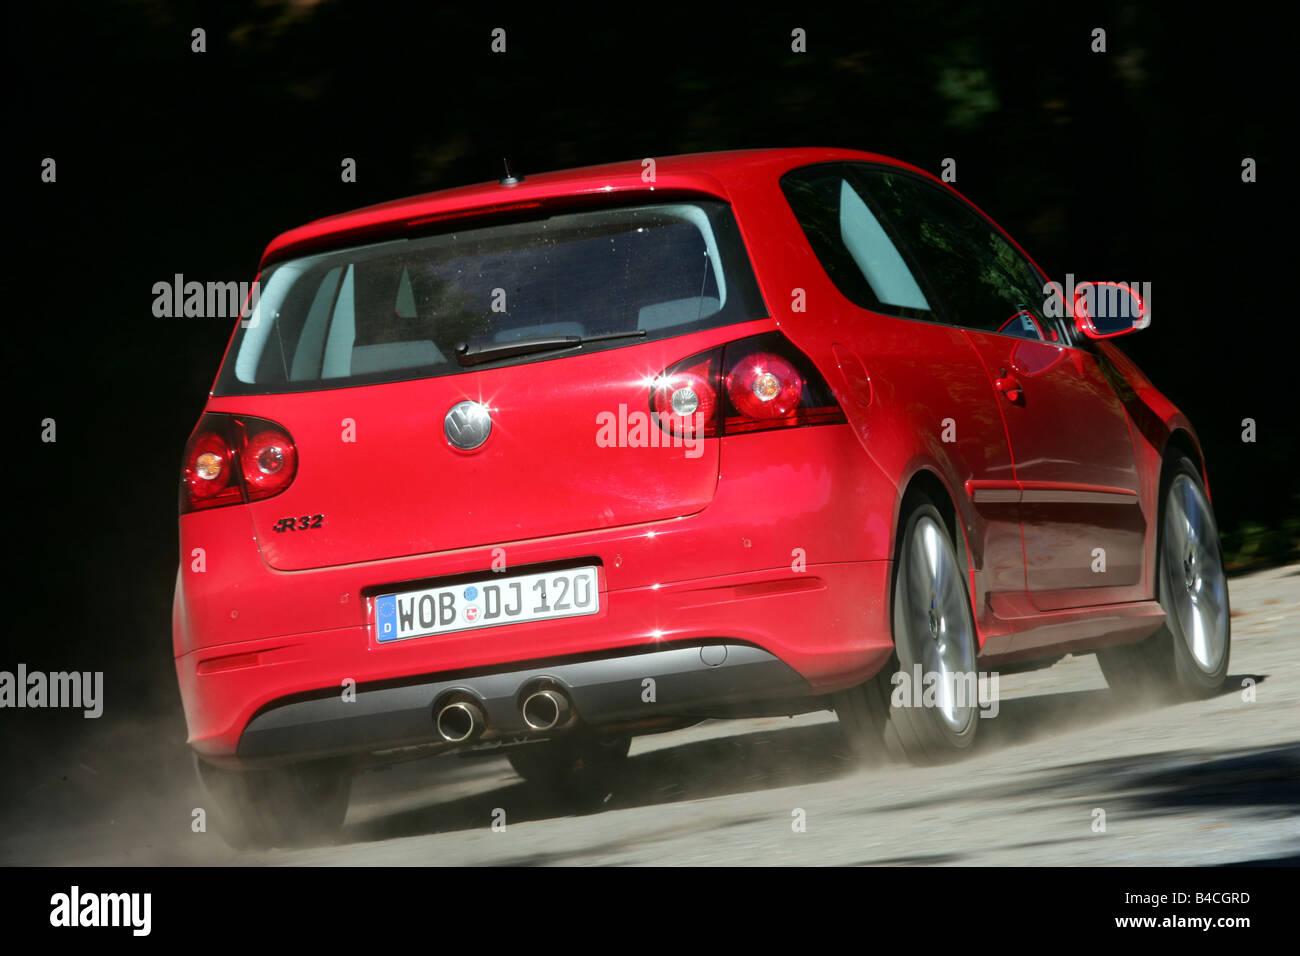 Golf 5 r32 red